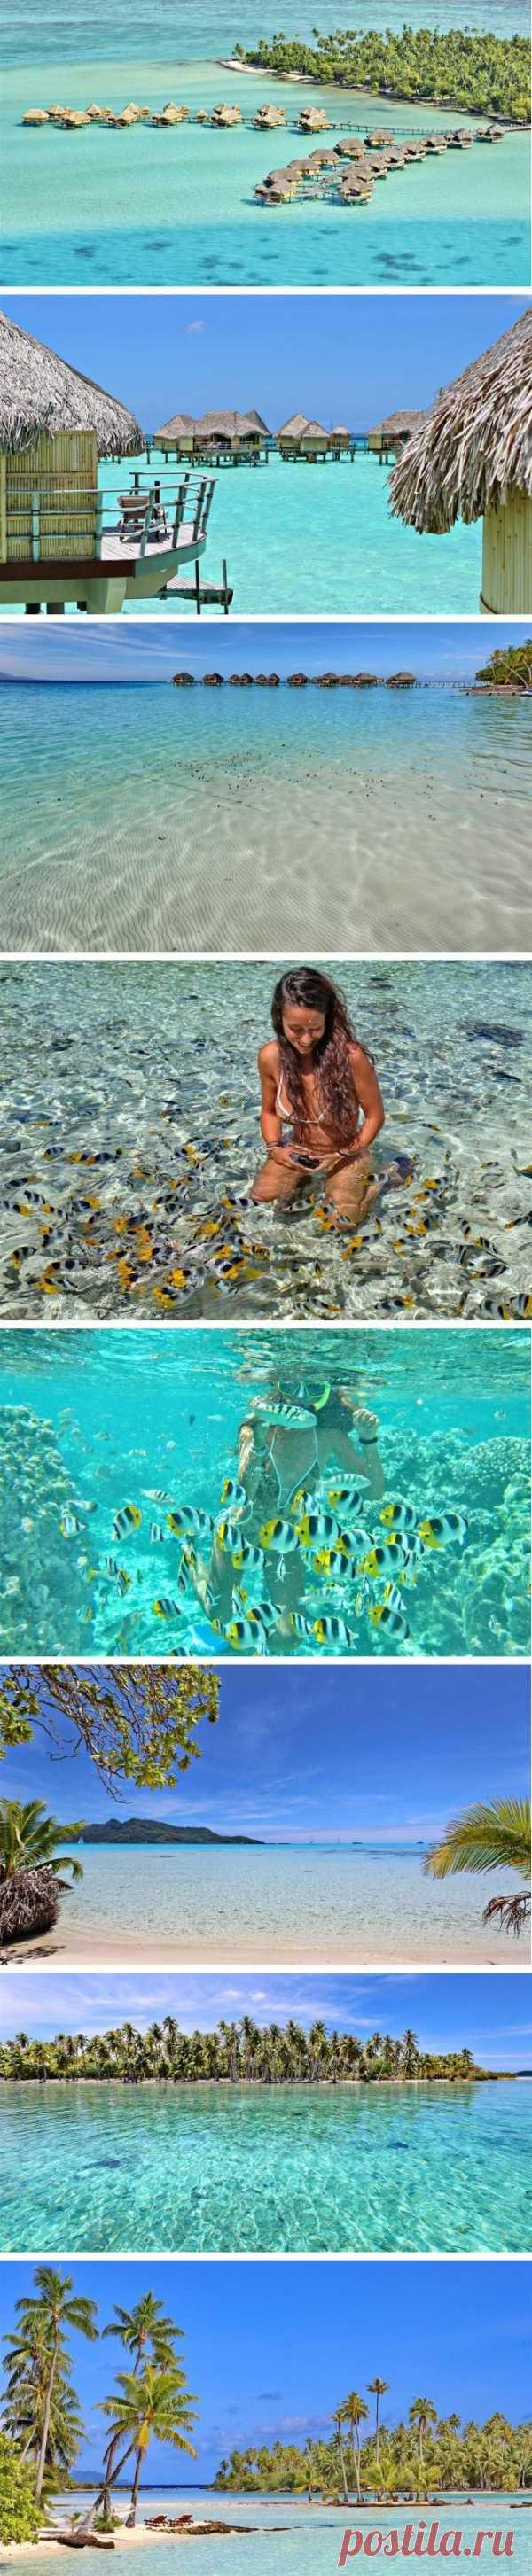 Там, где всегда лето. Остров ванили, Французская Полинезия